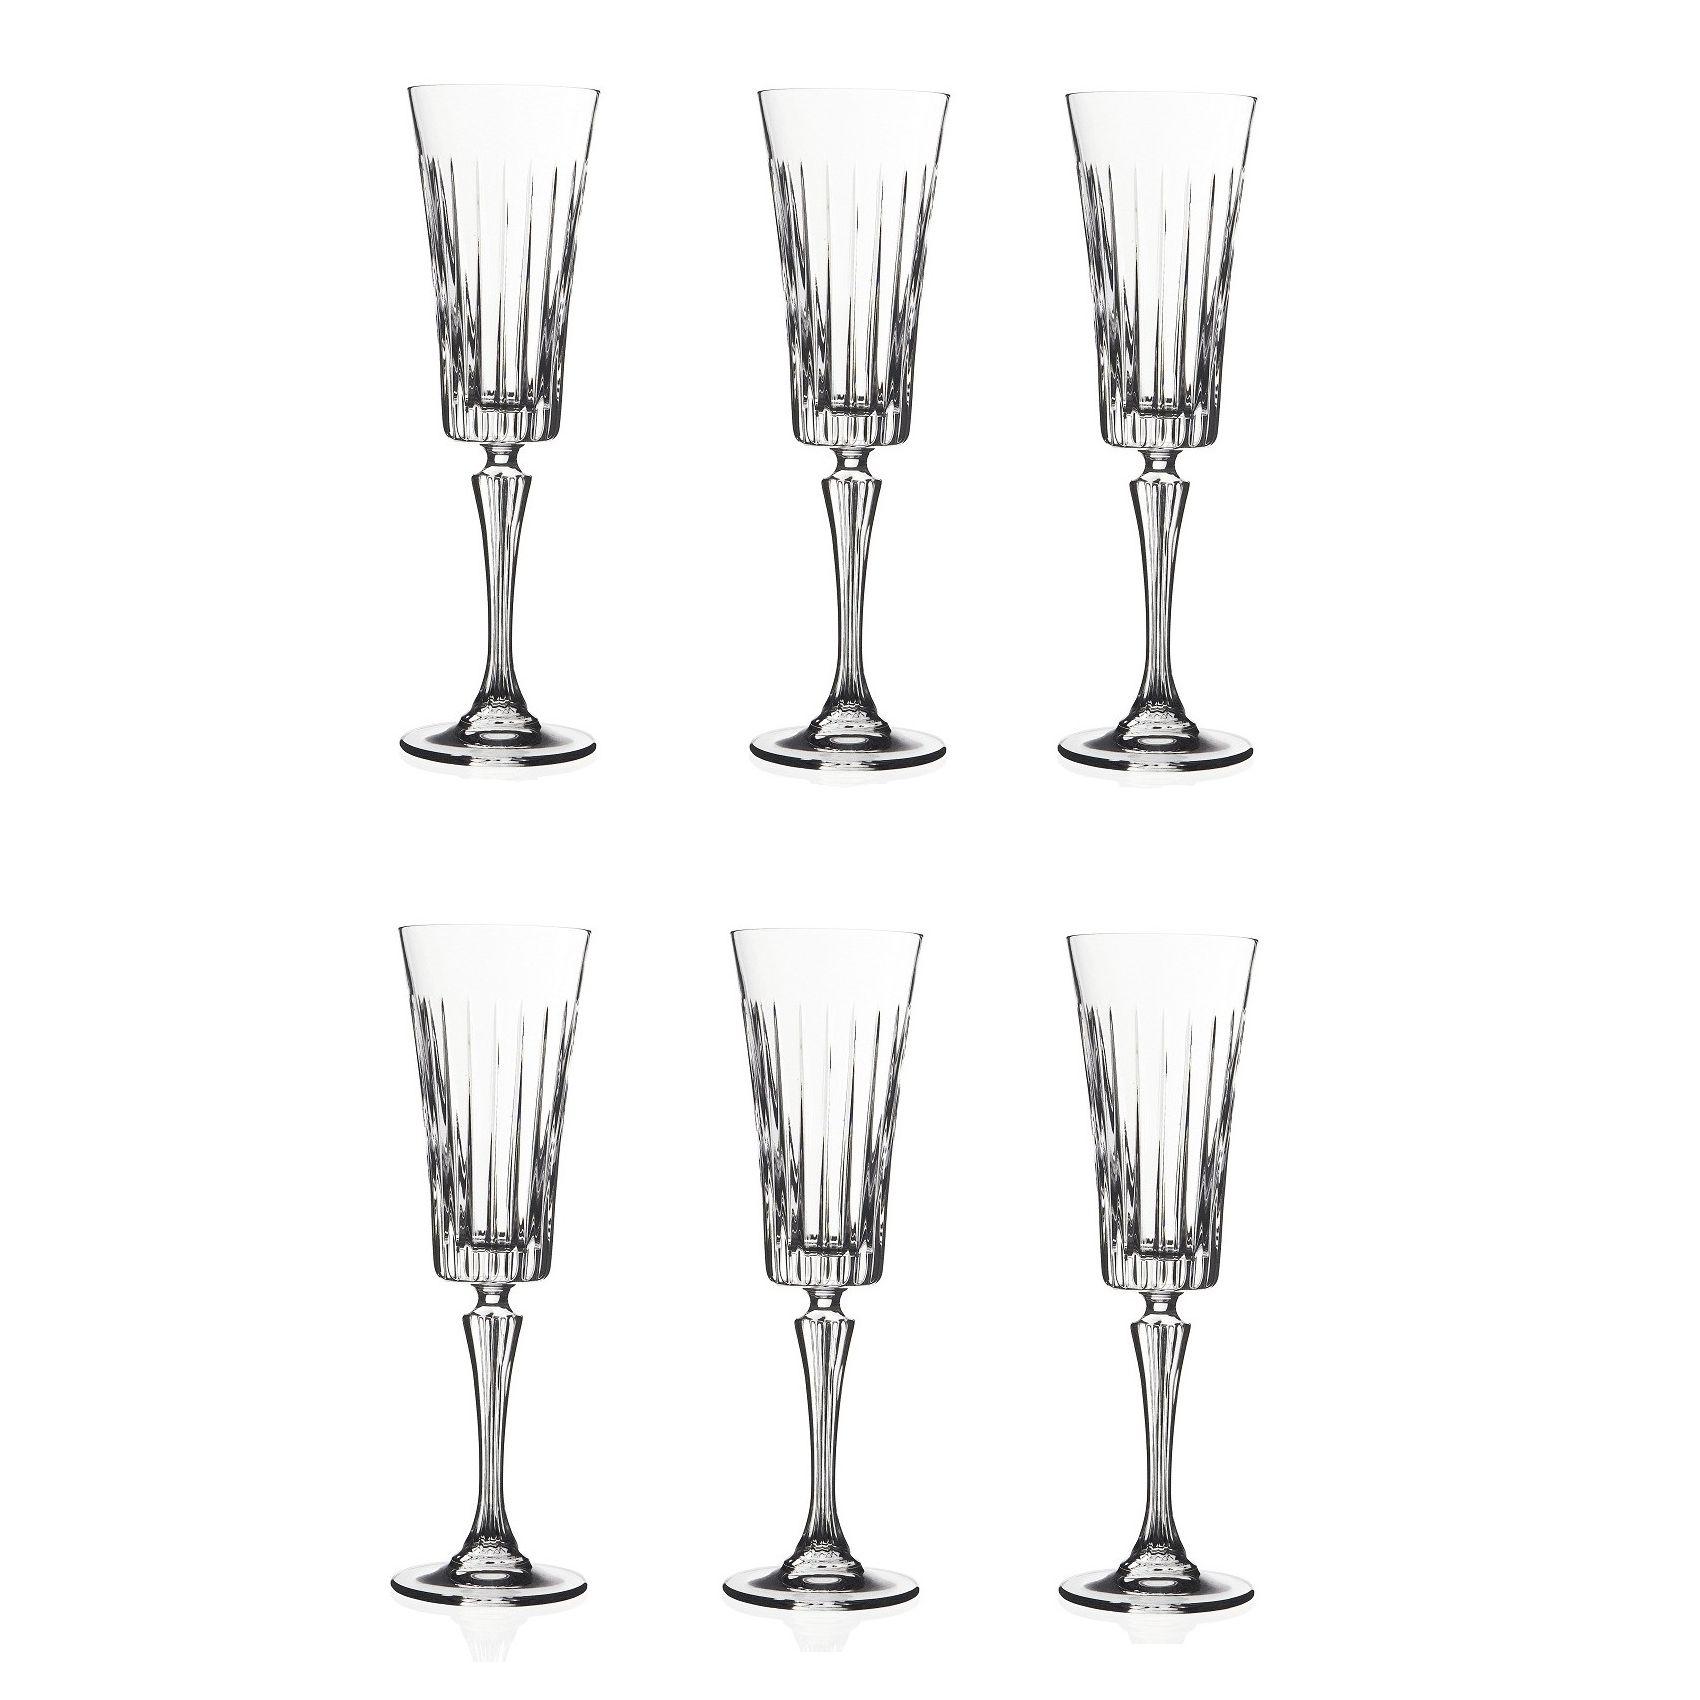 Набор бокалов д/шампанского 210 мл 6 шт TIMELESSНабор бокалов для шампанскогоТаймлесс отличается изысканностью и элегантностью дизайна. Высокие стенки узкого бокала обеспечивают длительное сохранение вкуса и аромата игристого напитка, а преломление света в гранях стекла привнесет в ваш праздник настроение торжественности и роскоши. Бокалы изготавливаются из прочного стекла, для создания которого не применяются токсичные вещества. Набор станет универсальным выбором для дома, а также подойдет для применения в барах и ресторанах благодаря универсальному исполнению. Набор бокалов для шампанскогоТаймлесс – выбор для самых ярких праздников.<br>